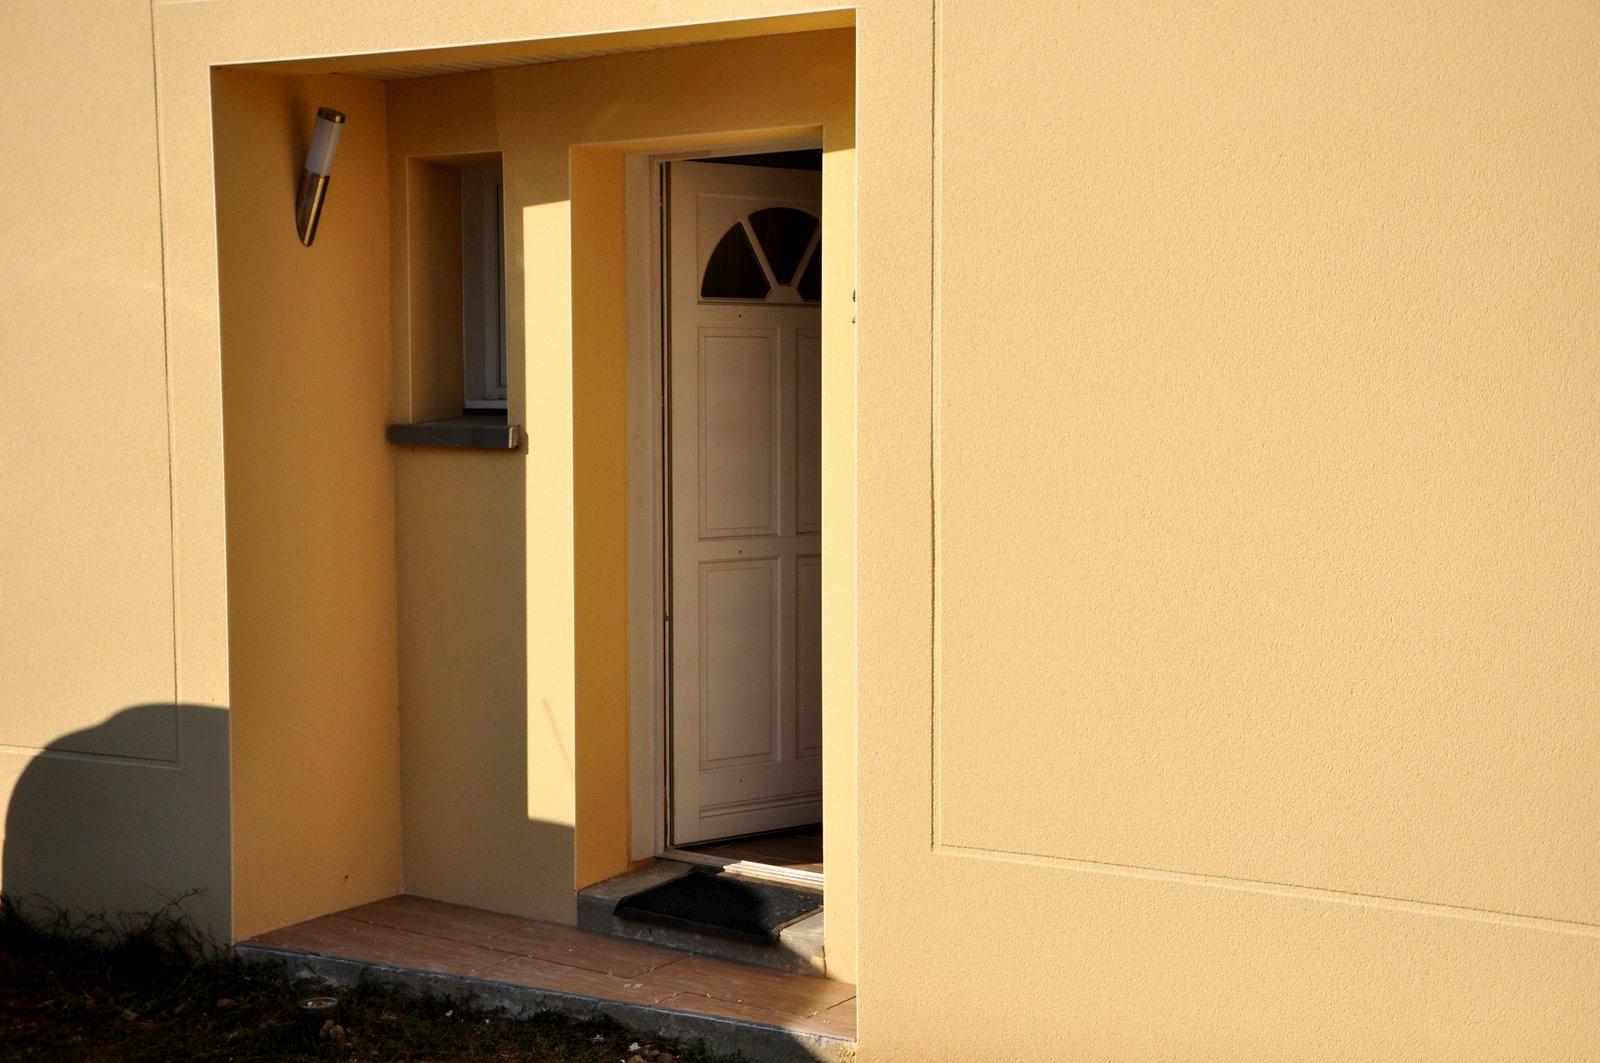 le blog d 39 alice et fred le carrelage du porche d 39 entr e. Black Bedroom Furniture Sets. Home Design Ideas